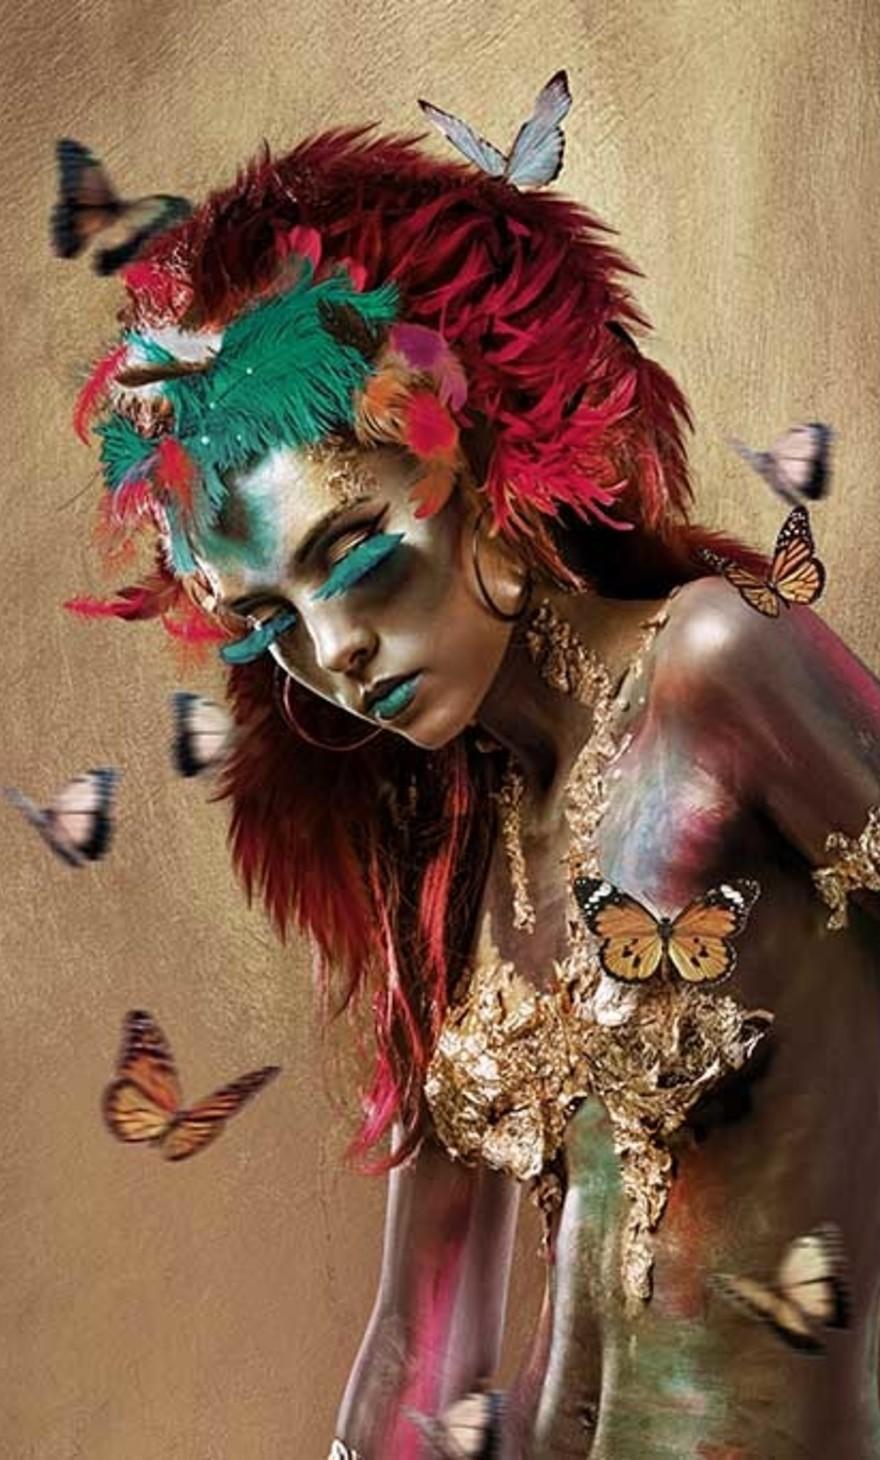 Mariposa woman